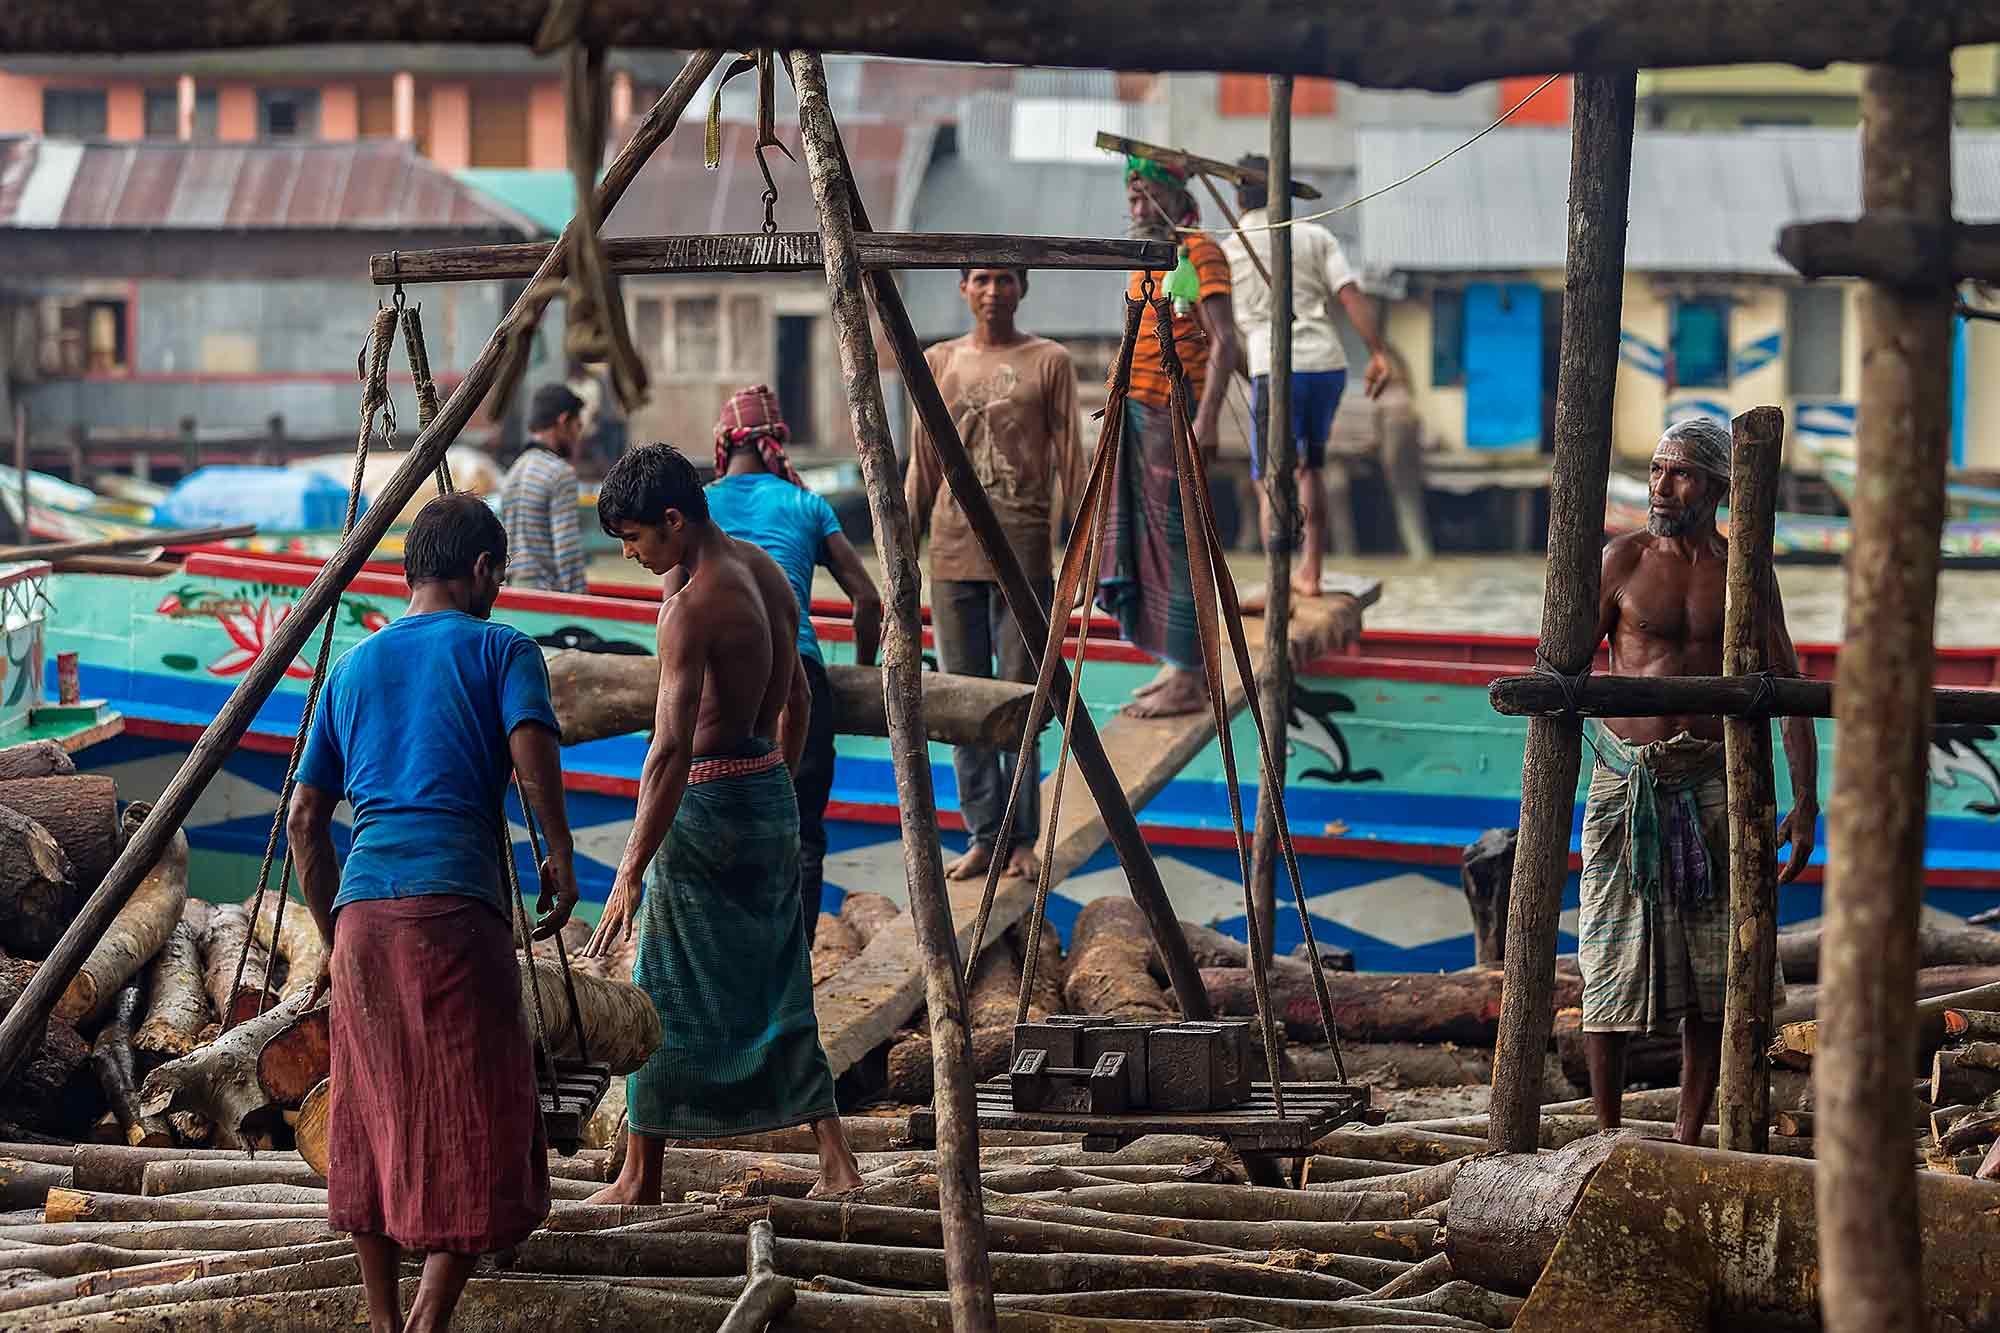 Men weighing the wood trunks in Swarupkati, Bangladesh. © Ulli Maier & Nisa Maier